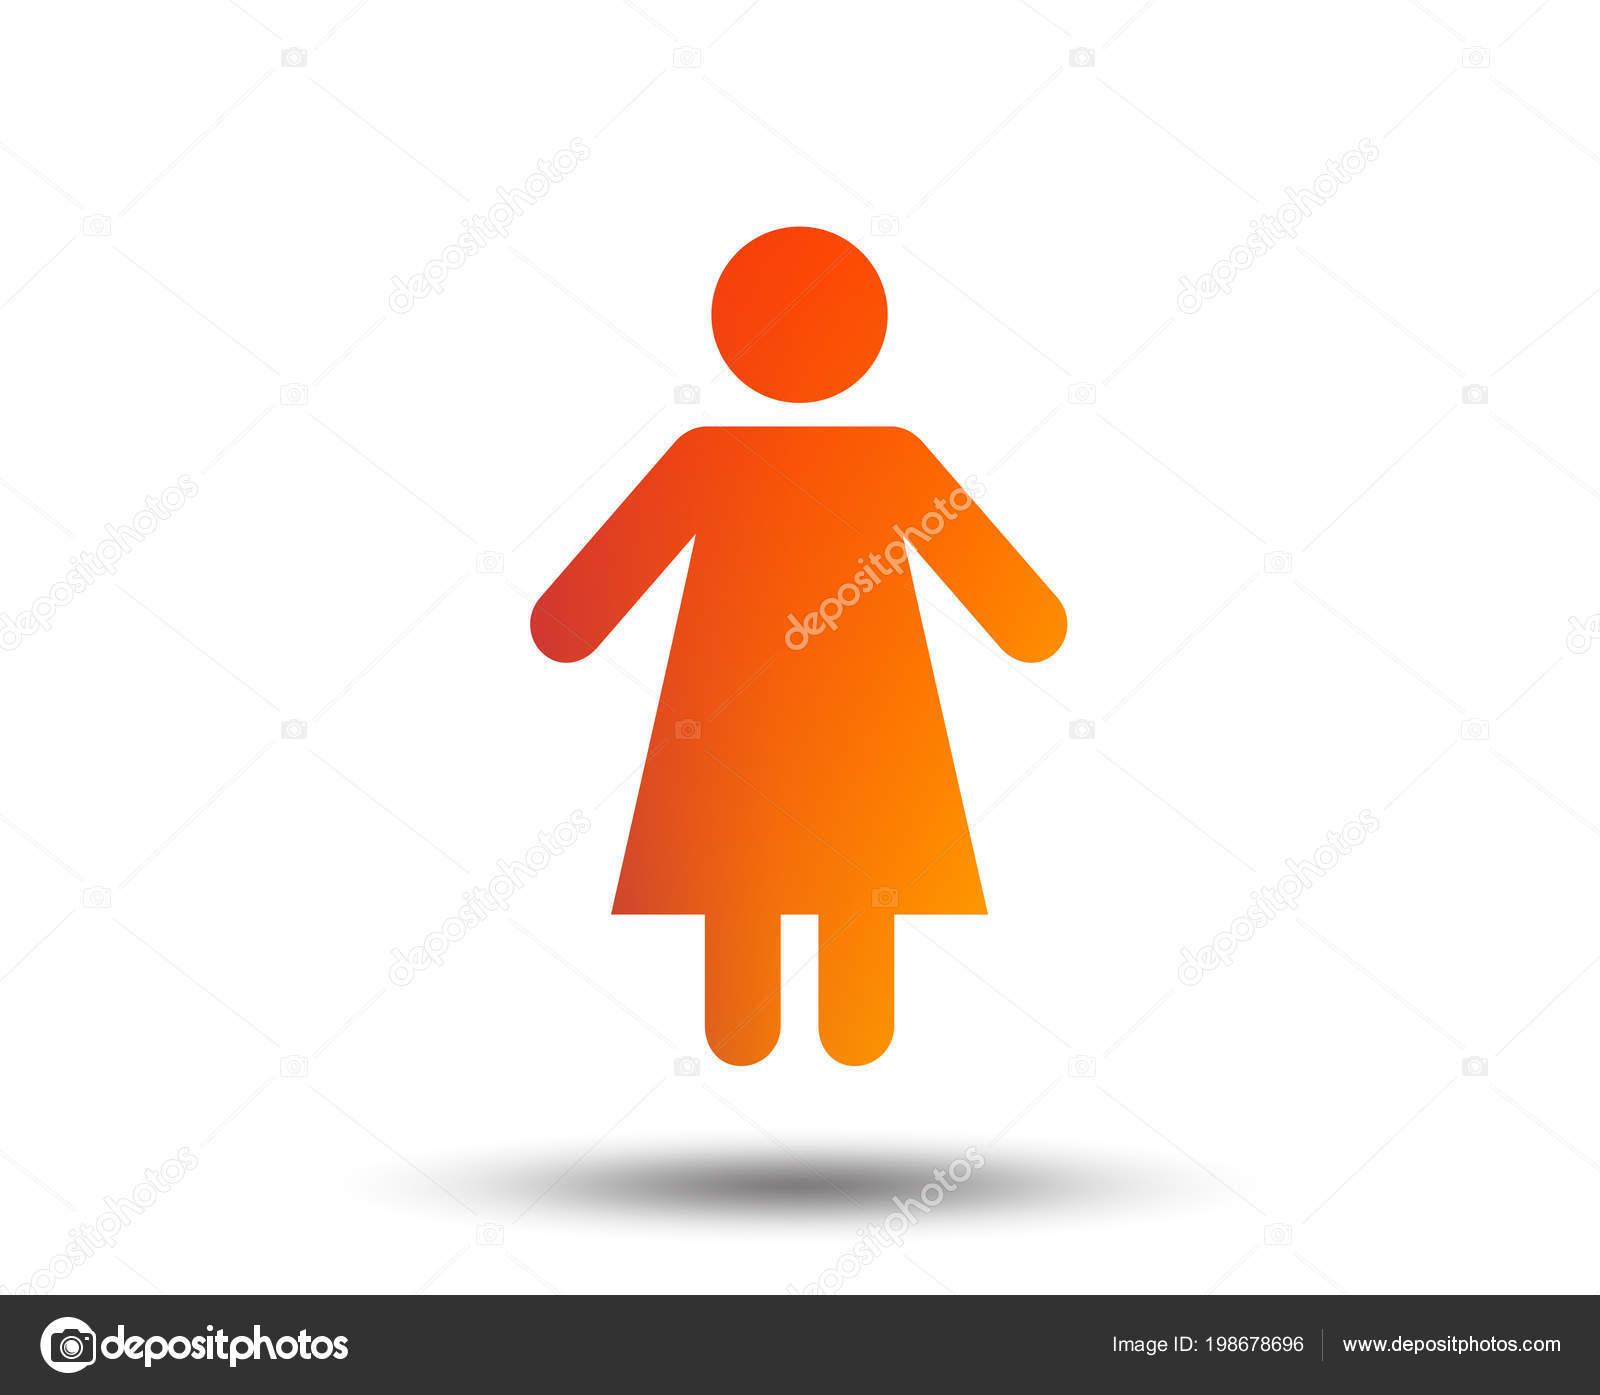 Icône Signe Femelle Symbole Homme Femme Toilette Des Femmes élément